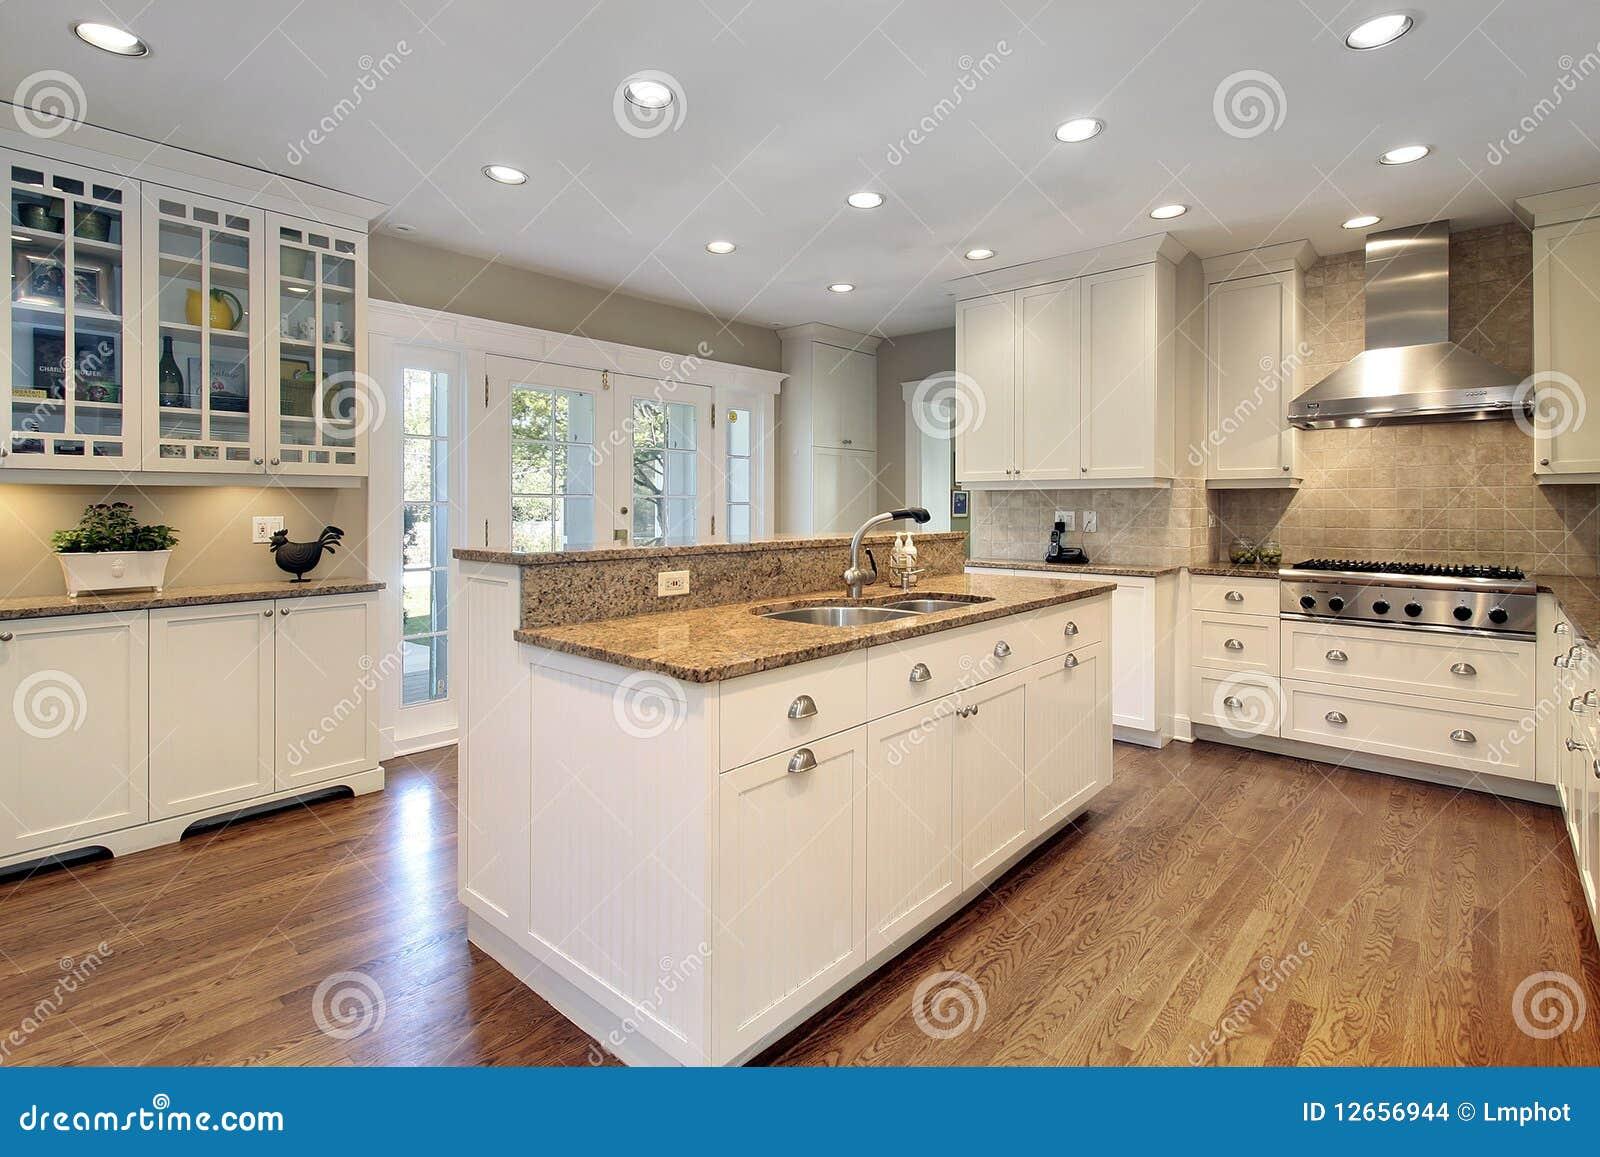 Keuken met marmeren eiland stock foto afbeelding bestaande uit familie 12656944 - Keuken met teller ...